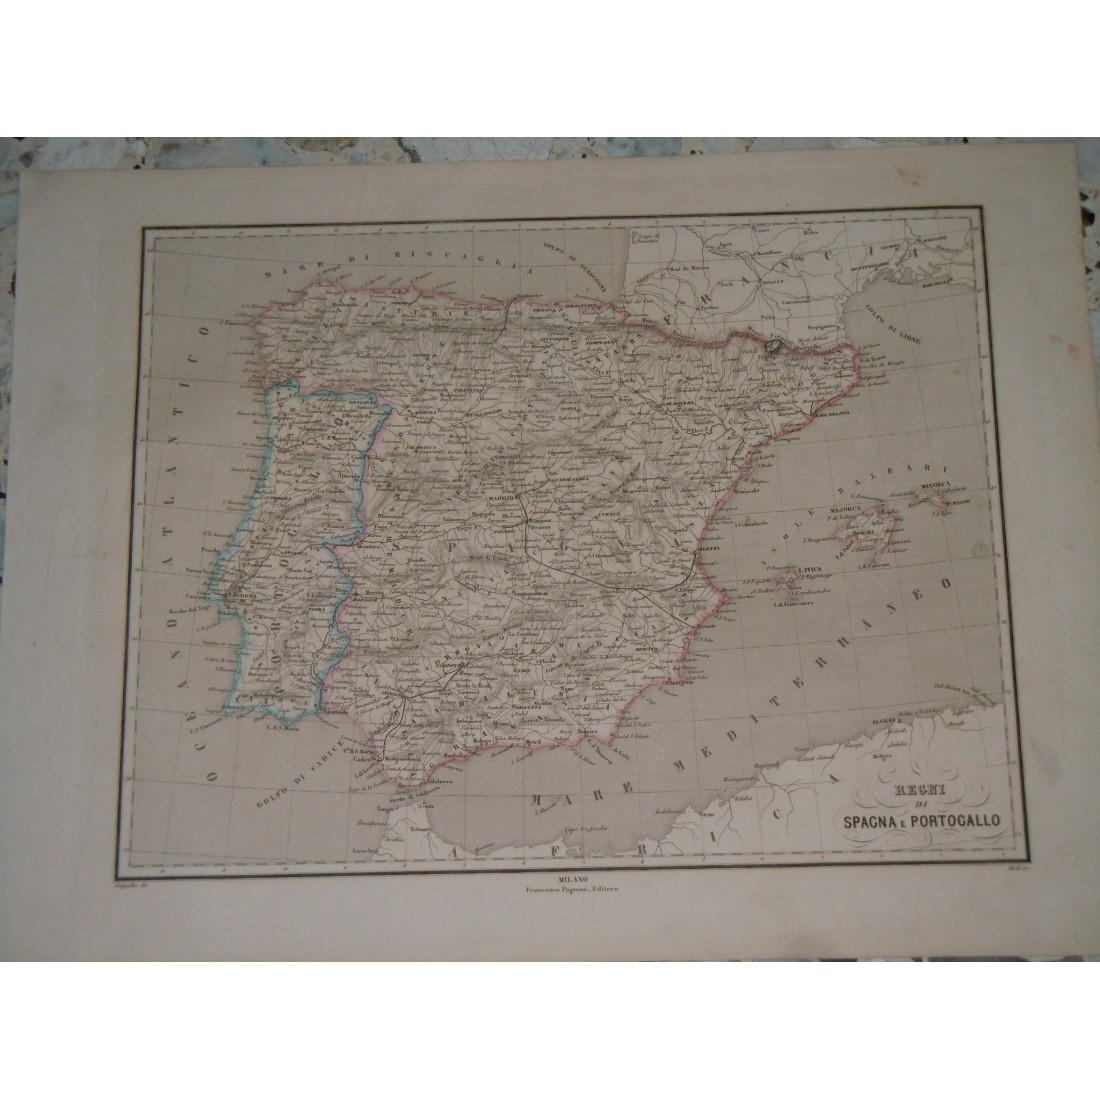 Cartina Geografica Portogallo E Isole.Cartina Geografica Regni Spagna E Portogallo Incisione Allodi Pagnoni Editore